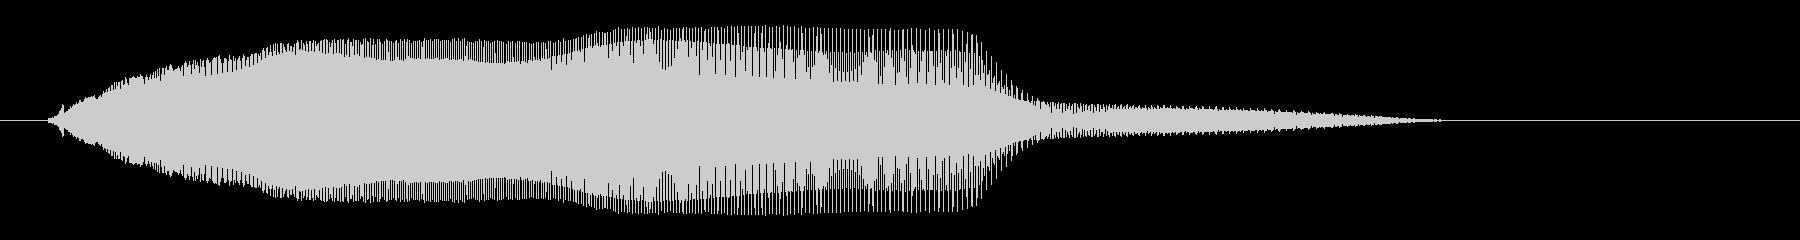 ヒュウー(はっきりとした効果音)の未再生の波形